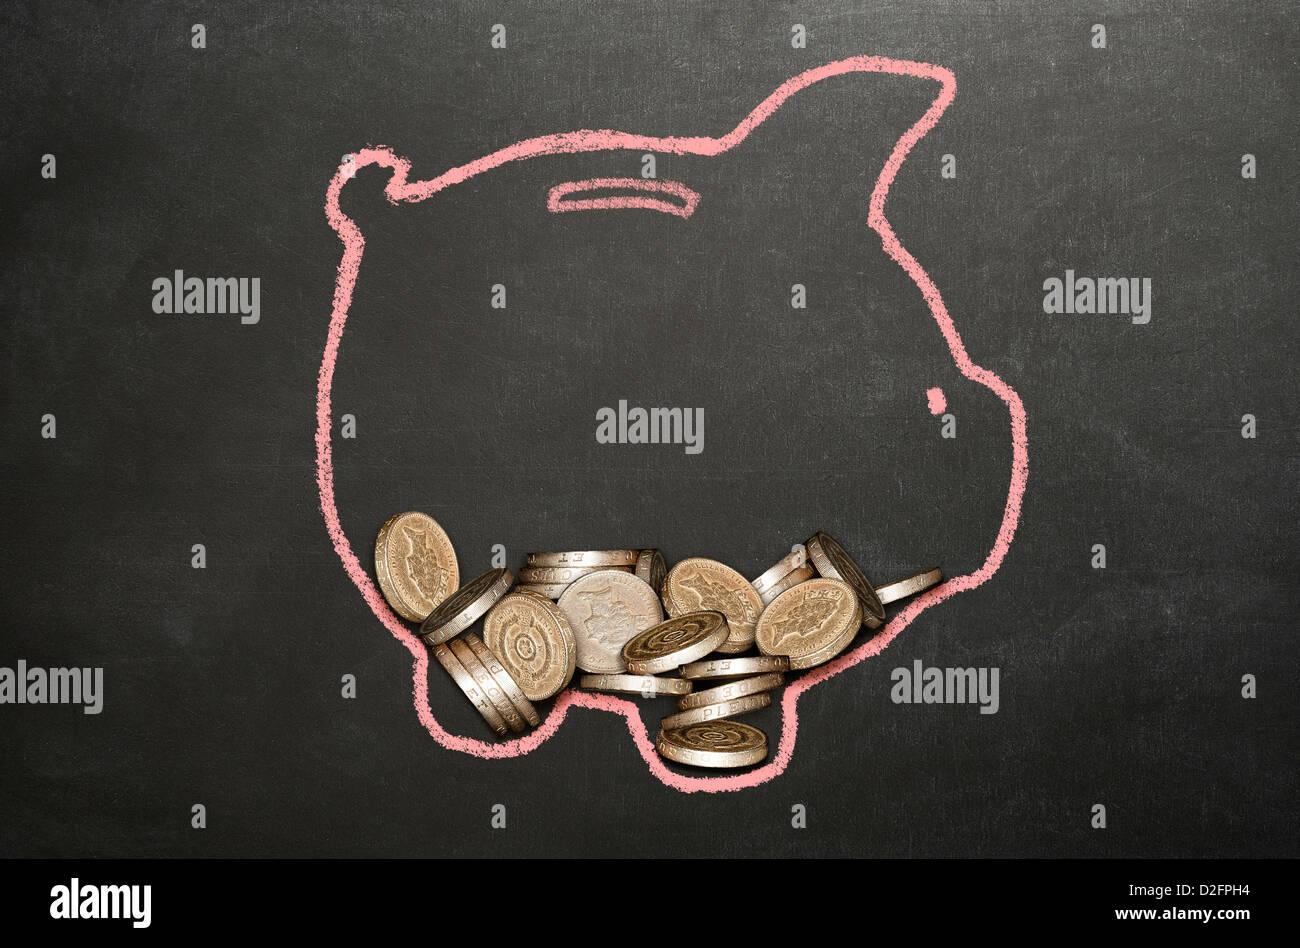 Geld (Sterling) Münzen in ein Sparschwein auf einer Tafel gezeichnet Stockfoto